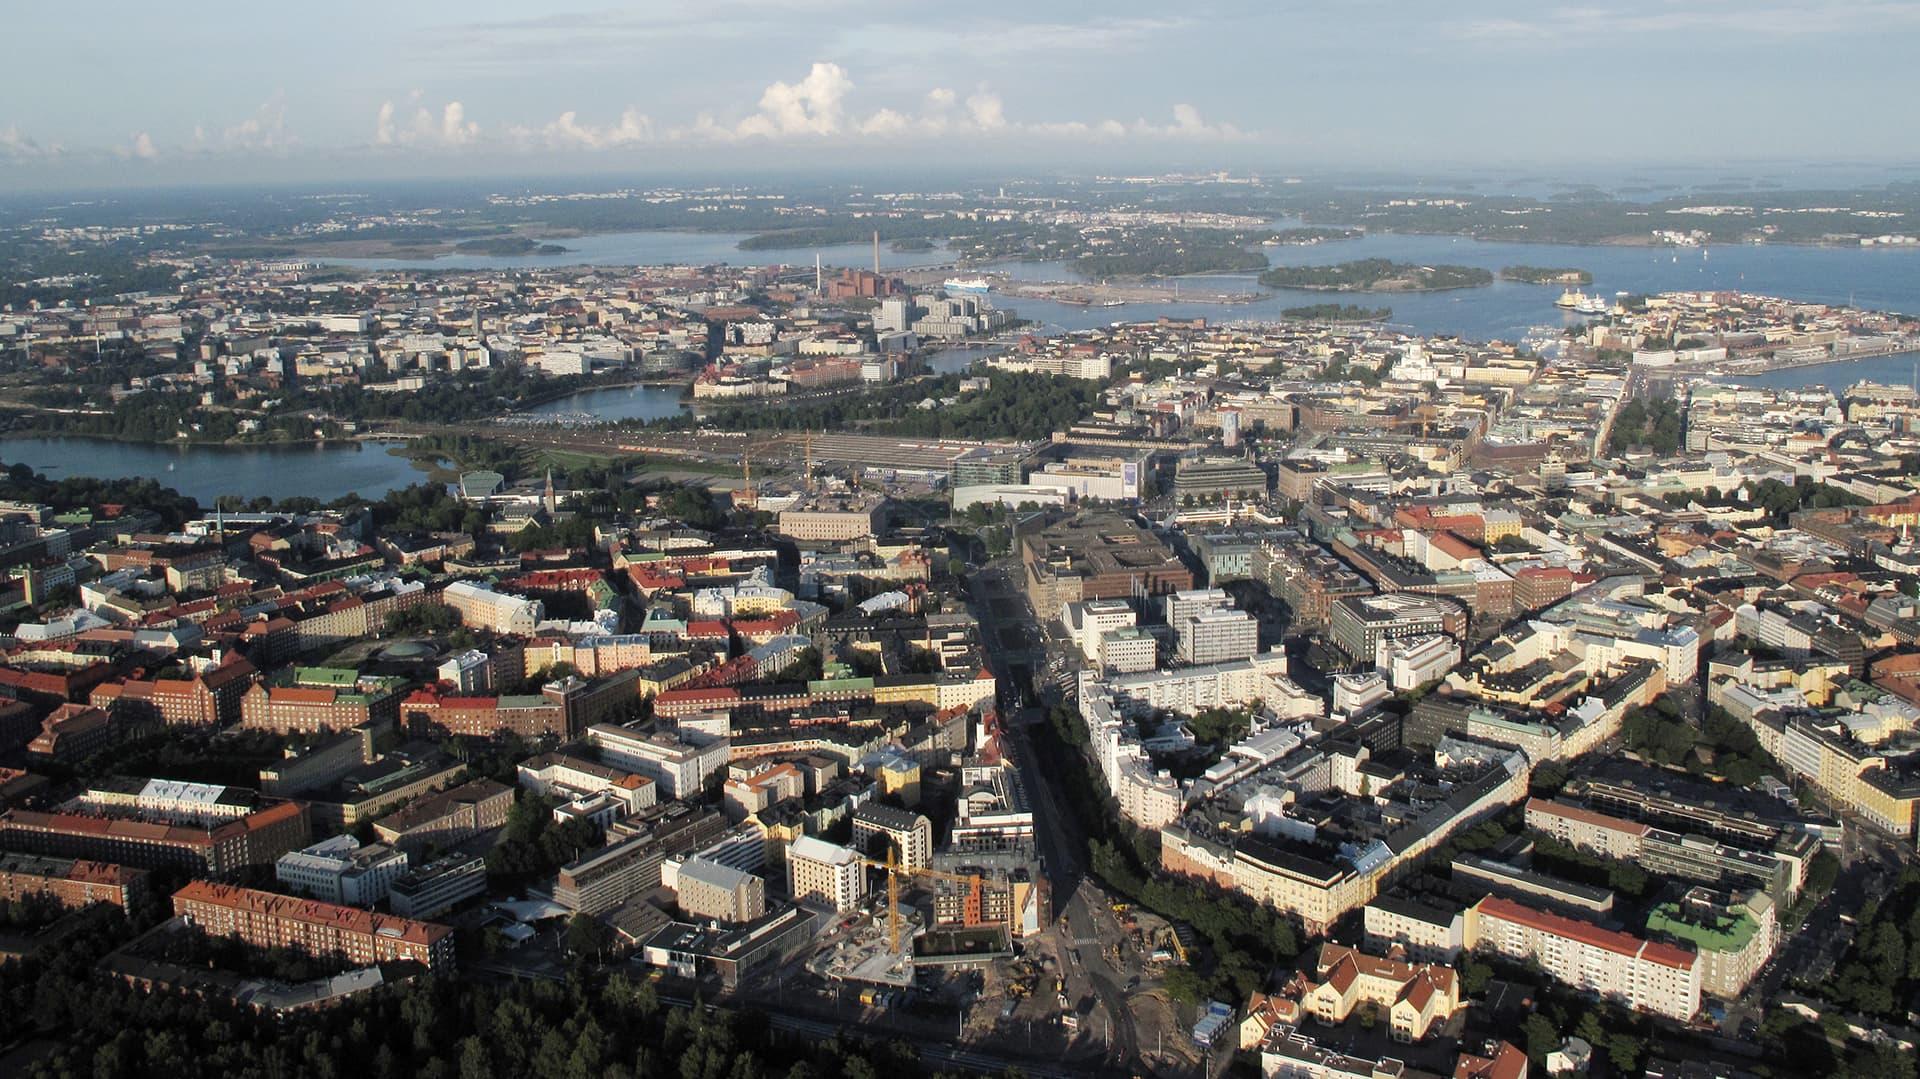 Ajelulla haamukaupungissa - Koronavirus on hiljentänyt Helsingin